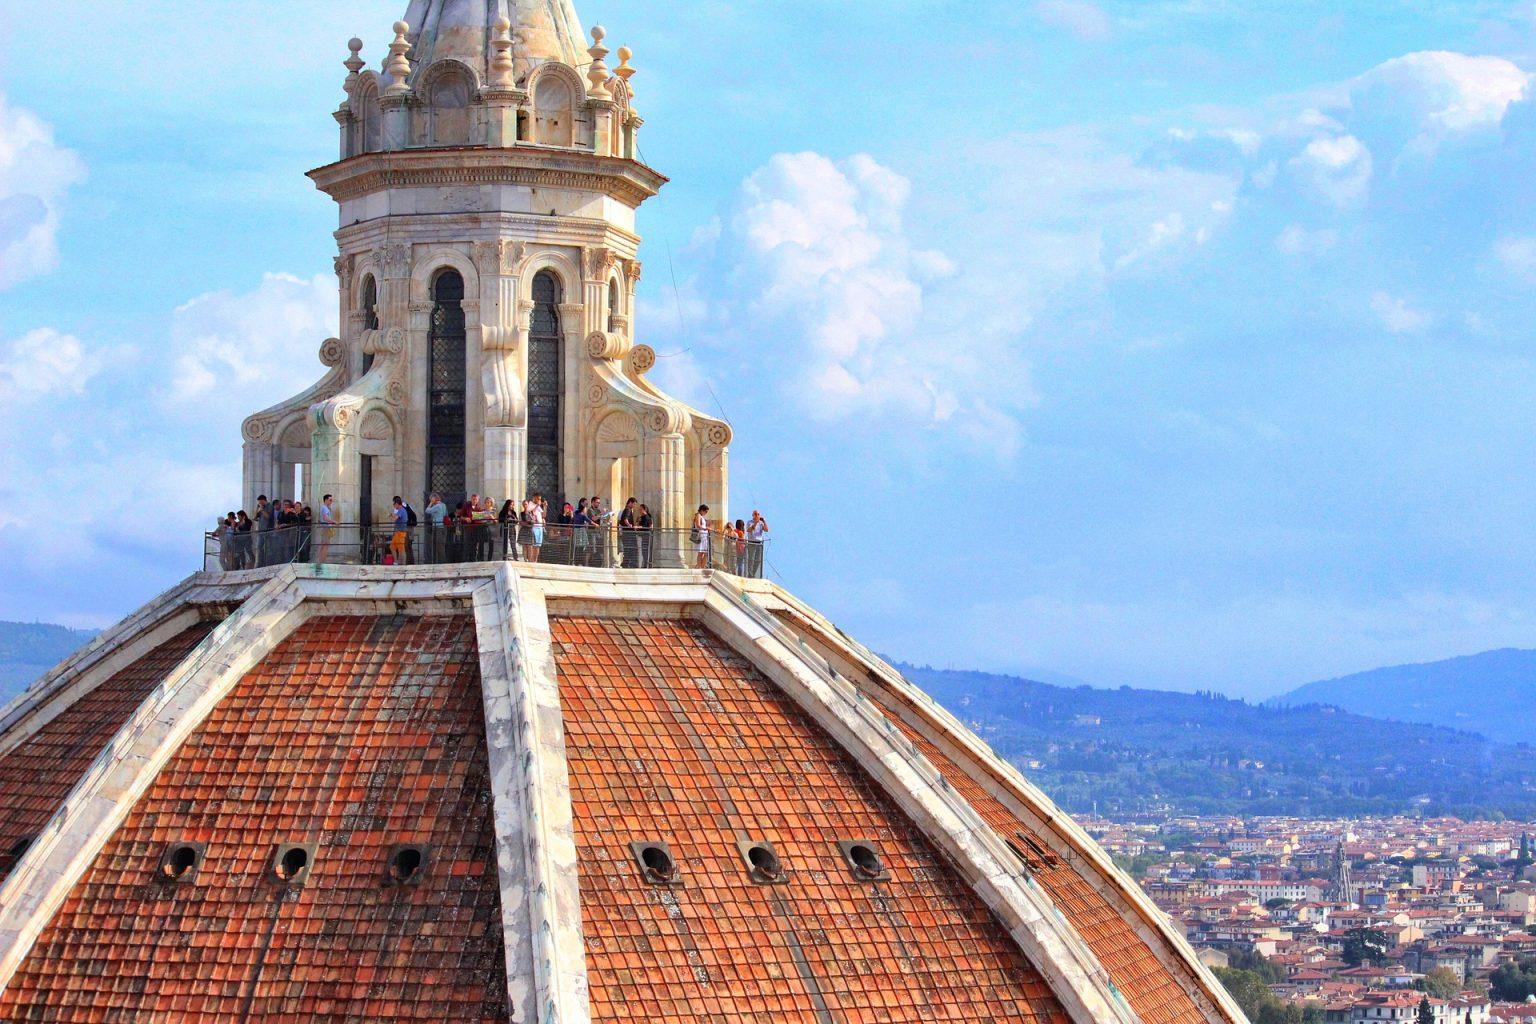 Mirador cúpula de Brunelleschi. quá ver en Florencia